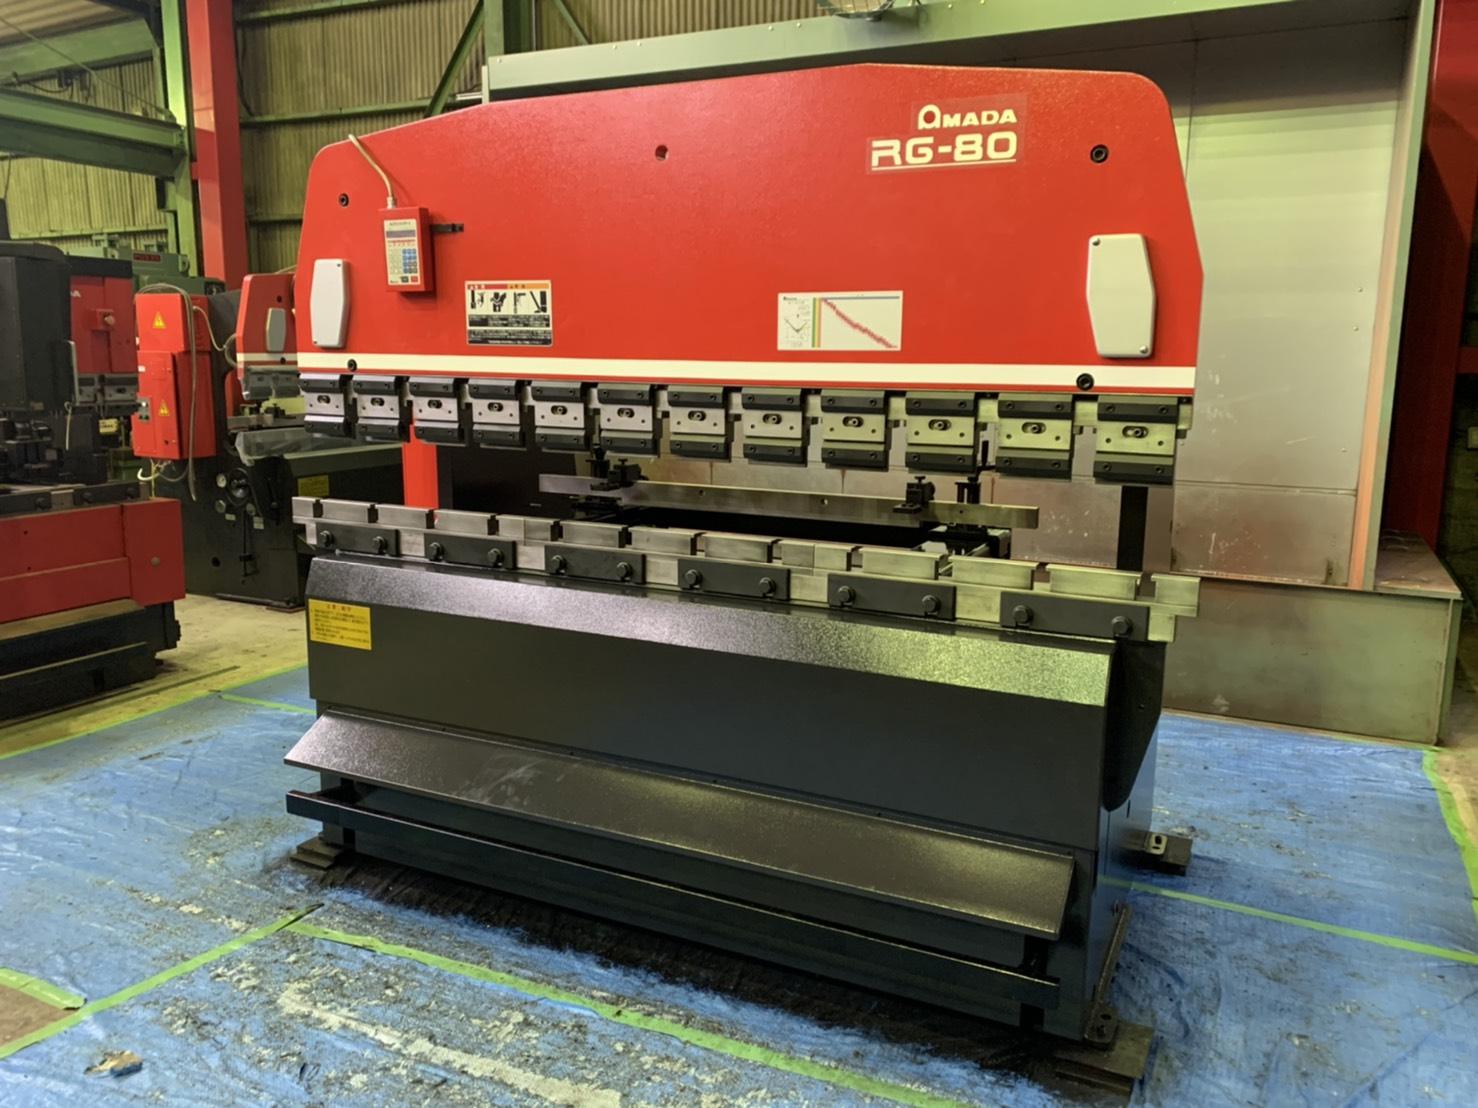 アマダ_RG-80_2500mm油圧ベンダー